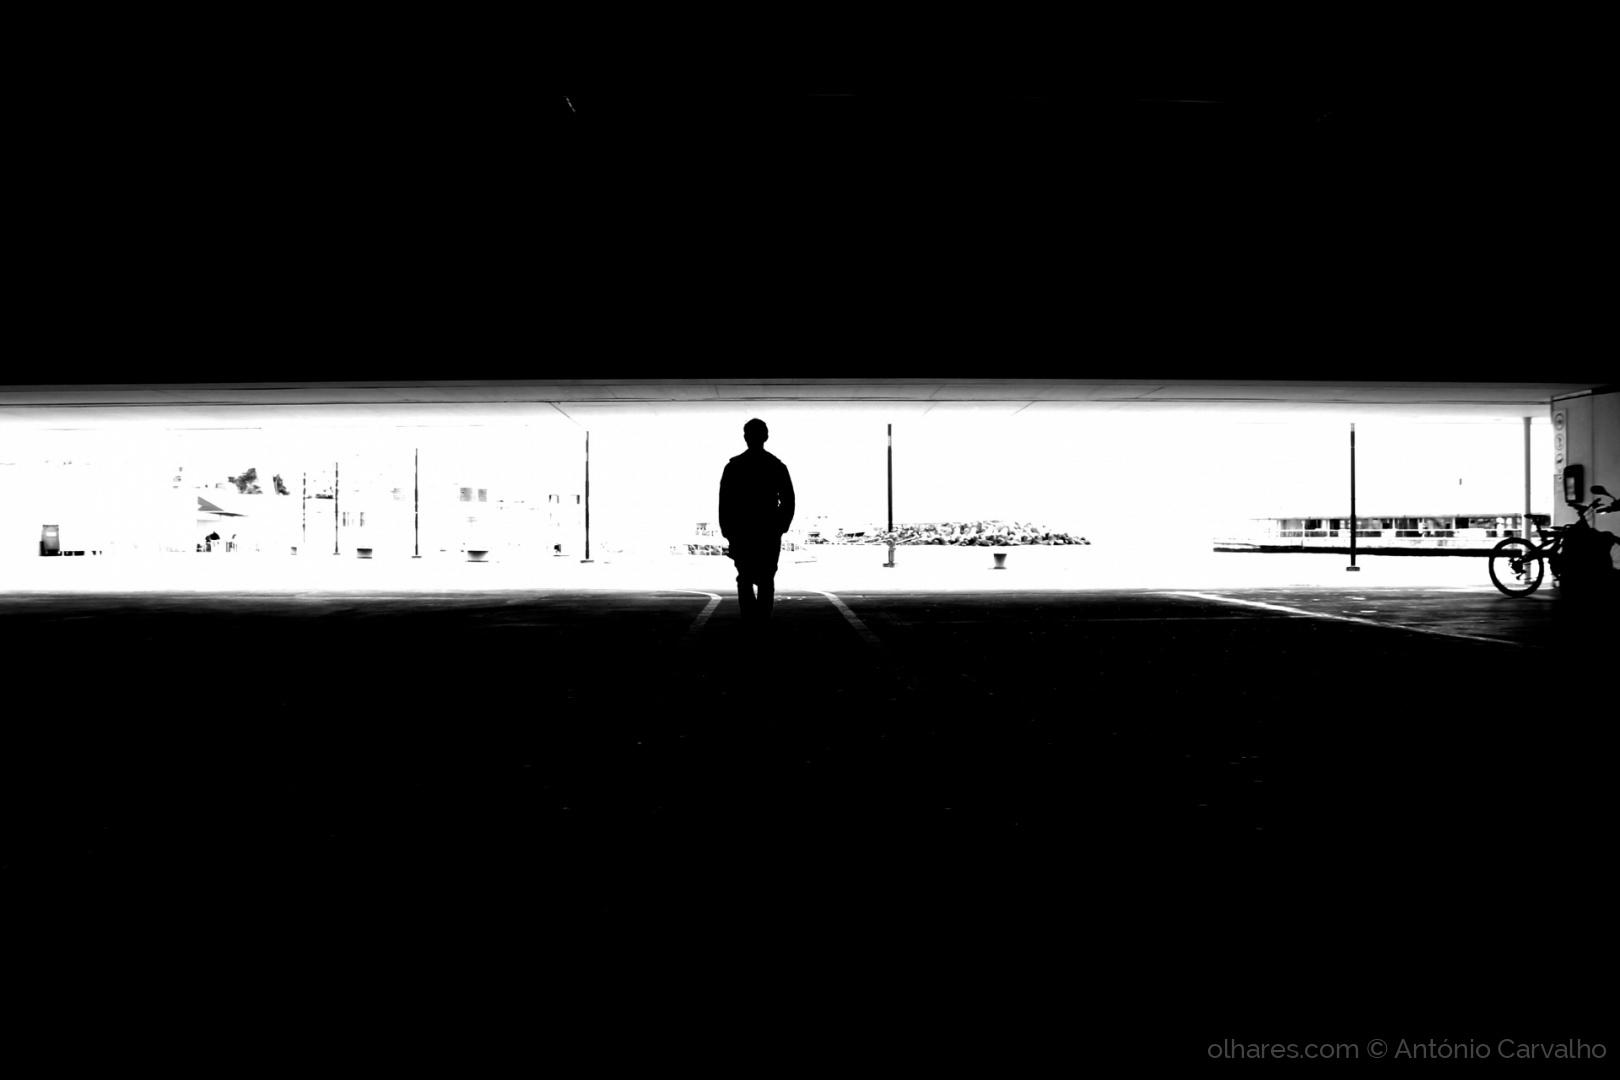 © António Carvalho - A saída (c/desc)